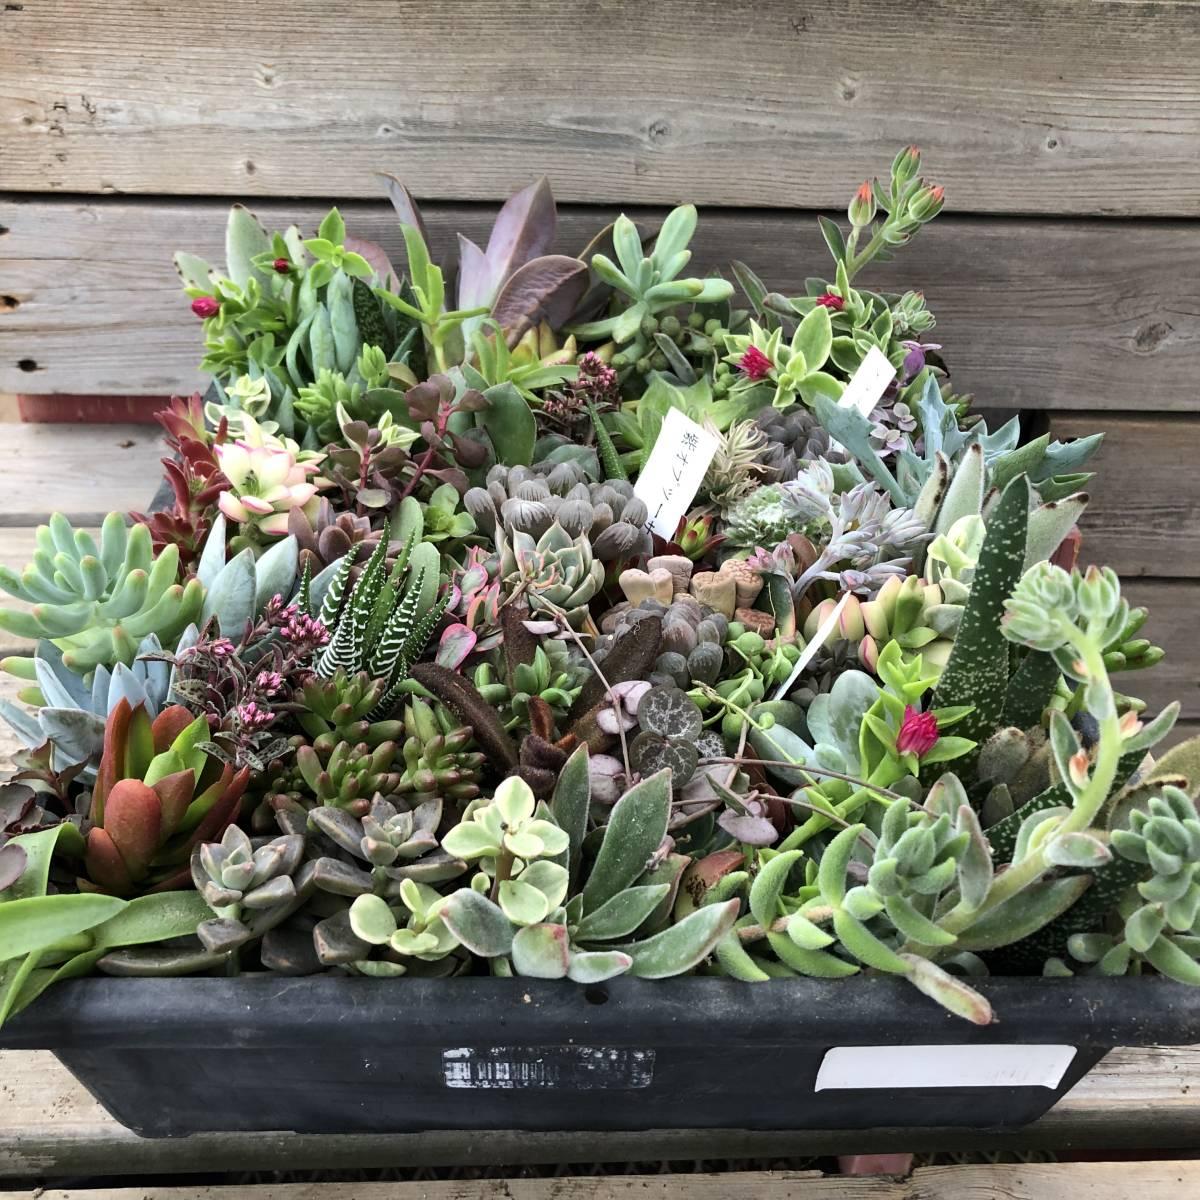 ■A-plants-r■ヤフオク初出品特価!多肉植物 ハオルチア3種&プラグ・カット苗 200ピースセット_画像7